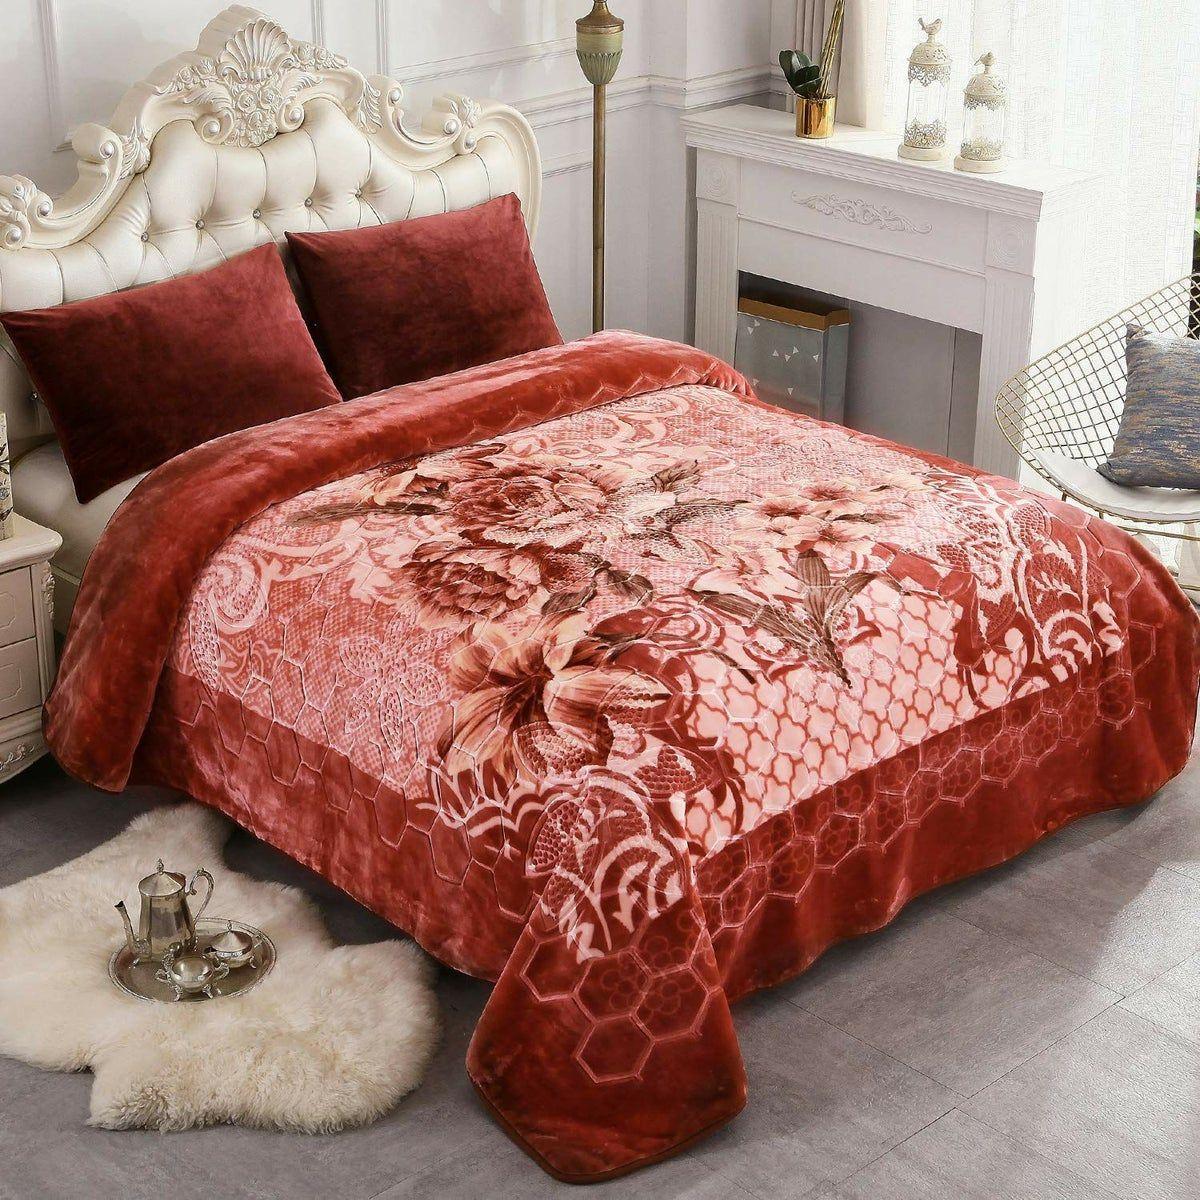 soft blankets blanket plush blanket